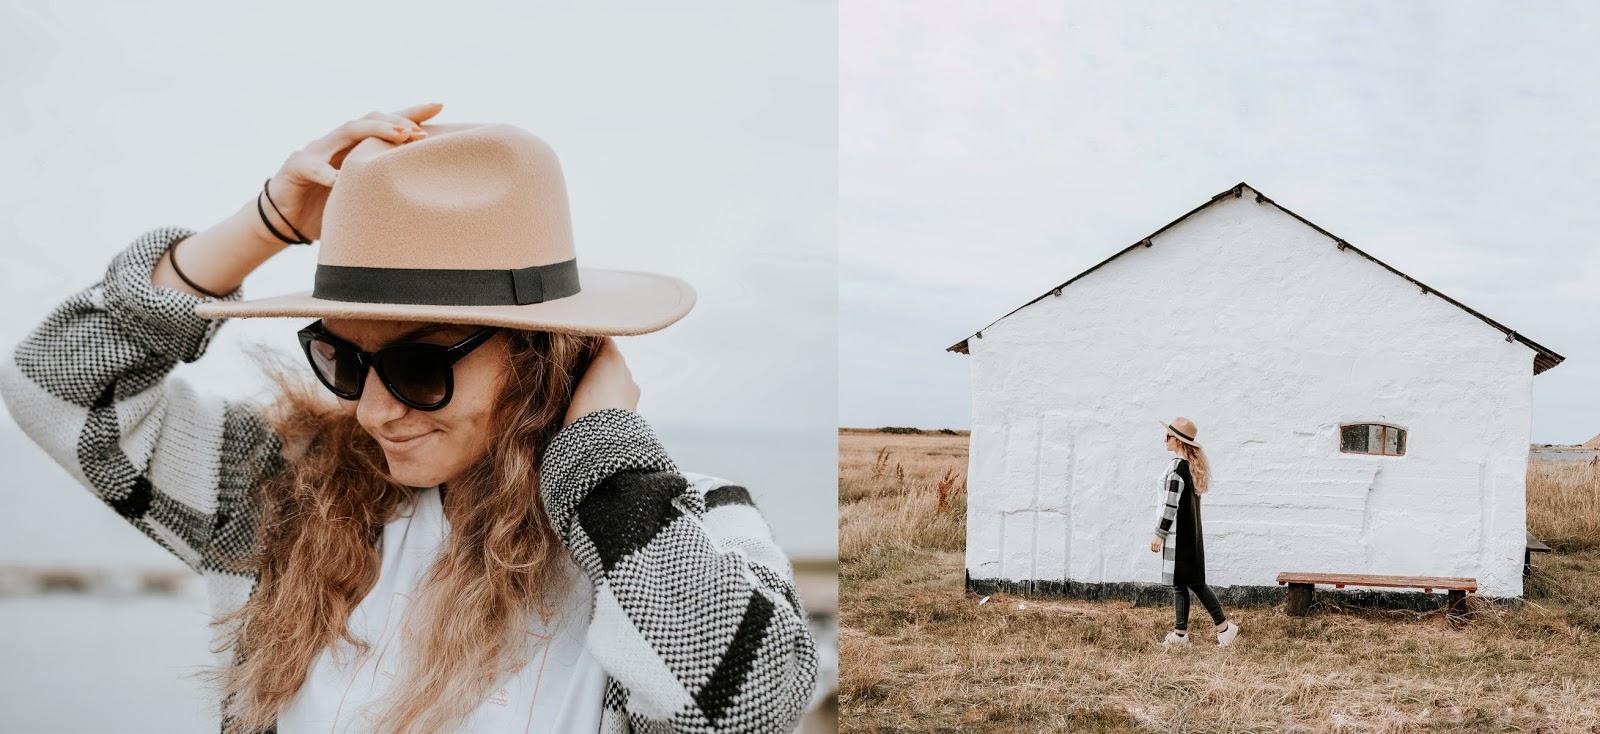 Rybacka, biała chata w skandynawskim stylu